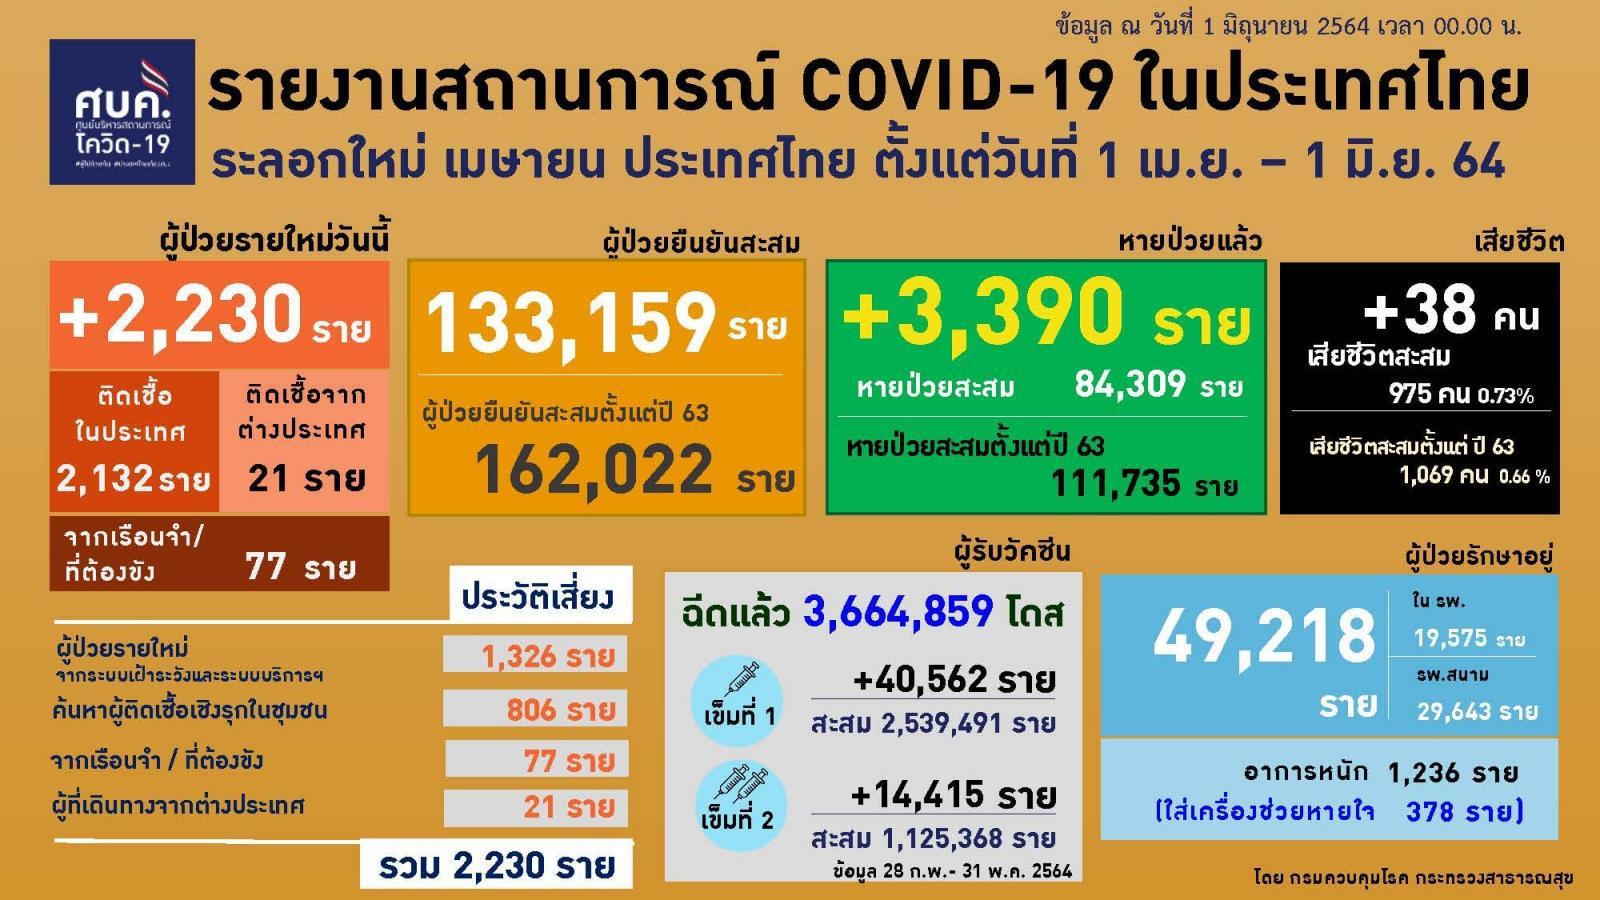 โควิดคร่า 38 ราย กทม.สูงสุด 22 ราย ติดเชื้อรายใหม่ 2,230 ราย